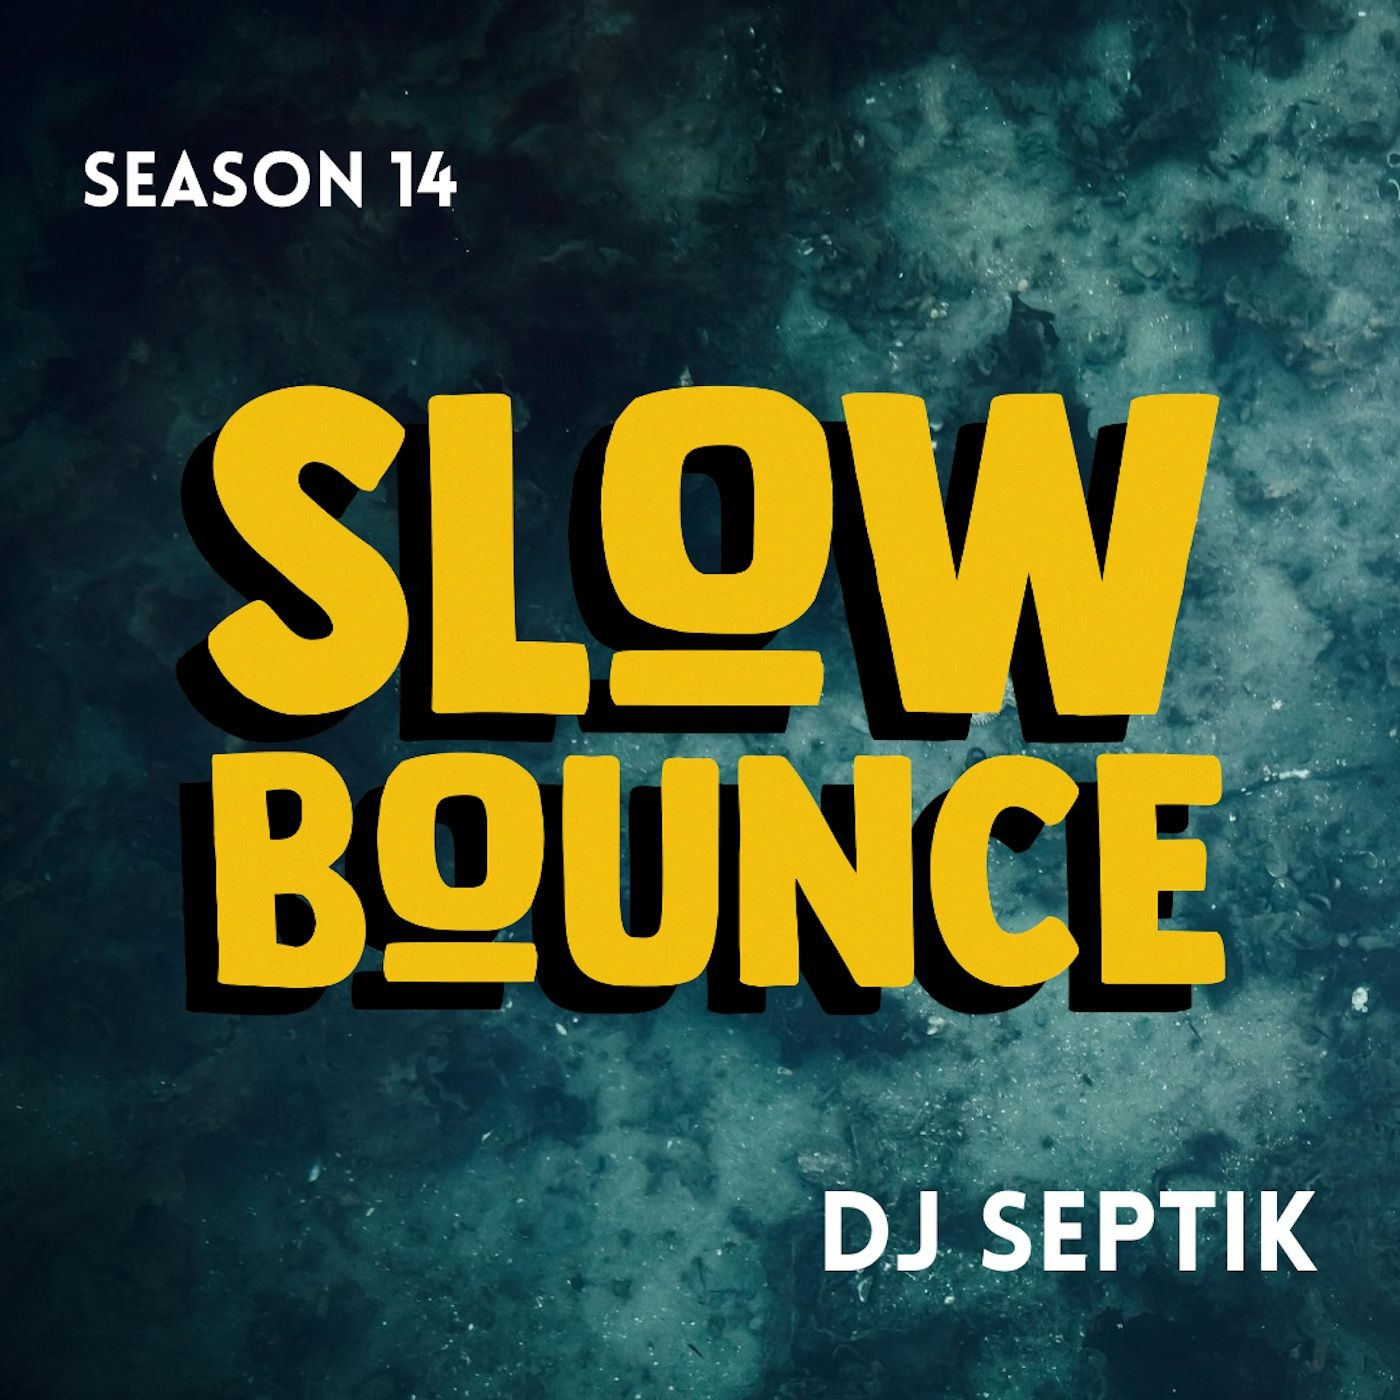 Bigupradio.com SLOWBOUNCE - Dancehall & Tropical Bass